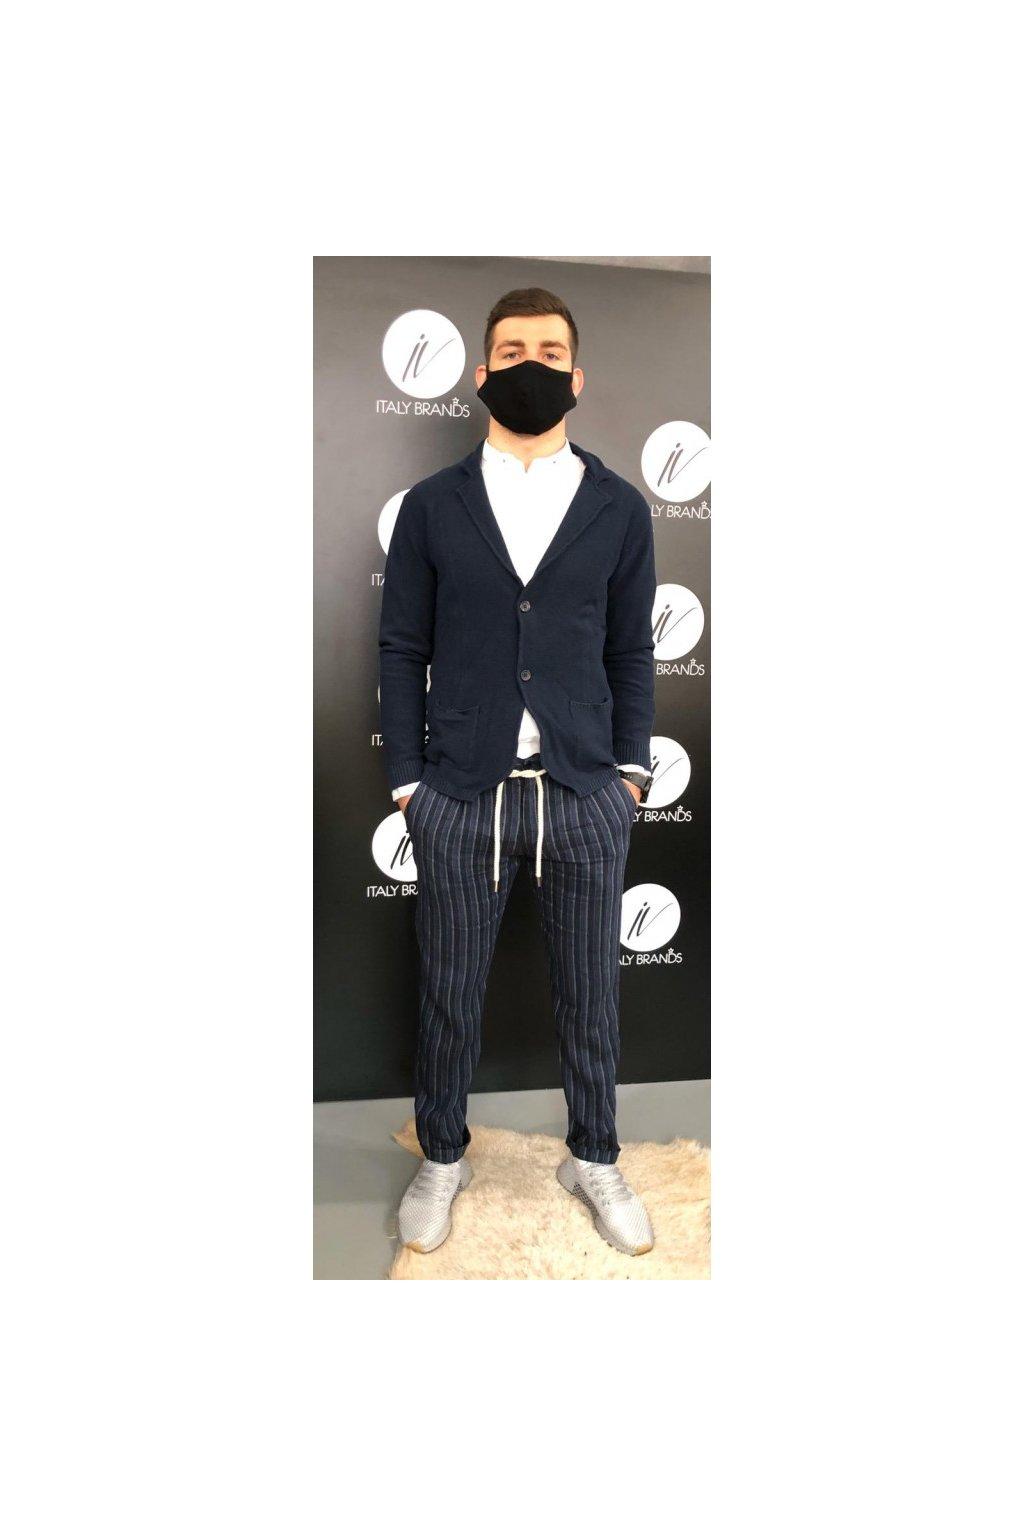 Kalhoty s proužkem, MARKUP - tmavě modré (Velikost Velikost 52)